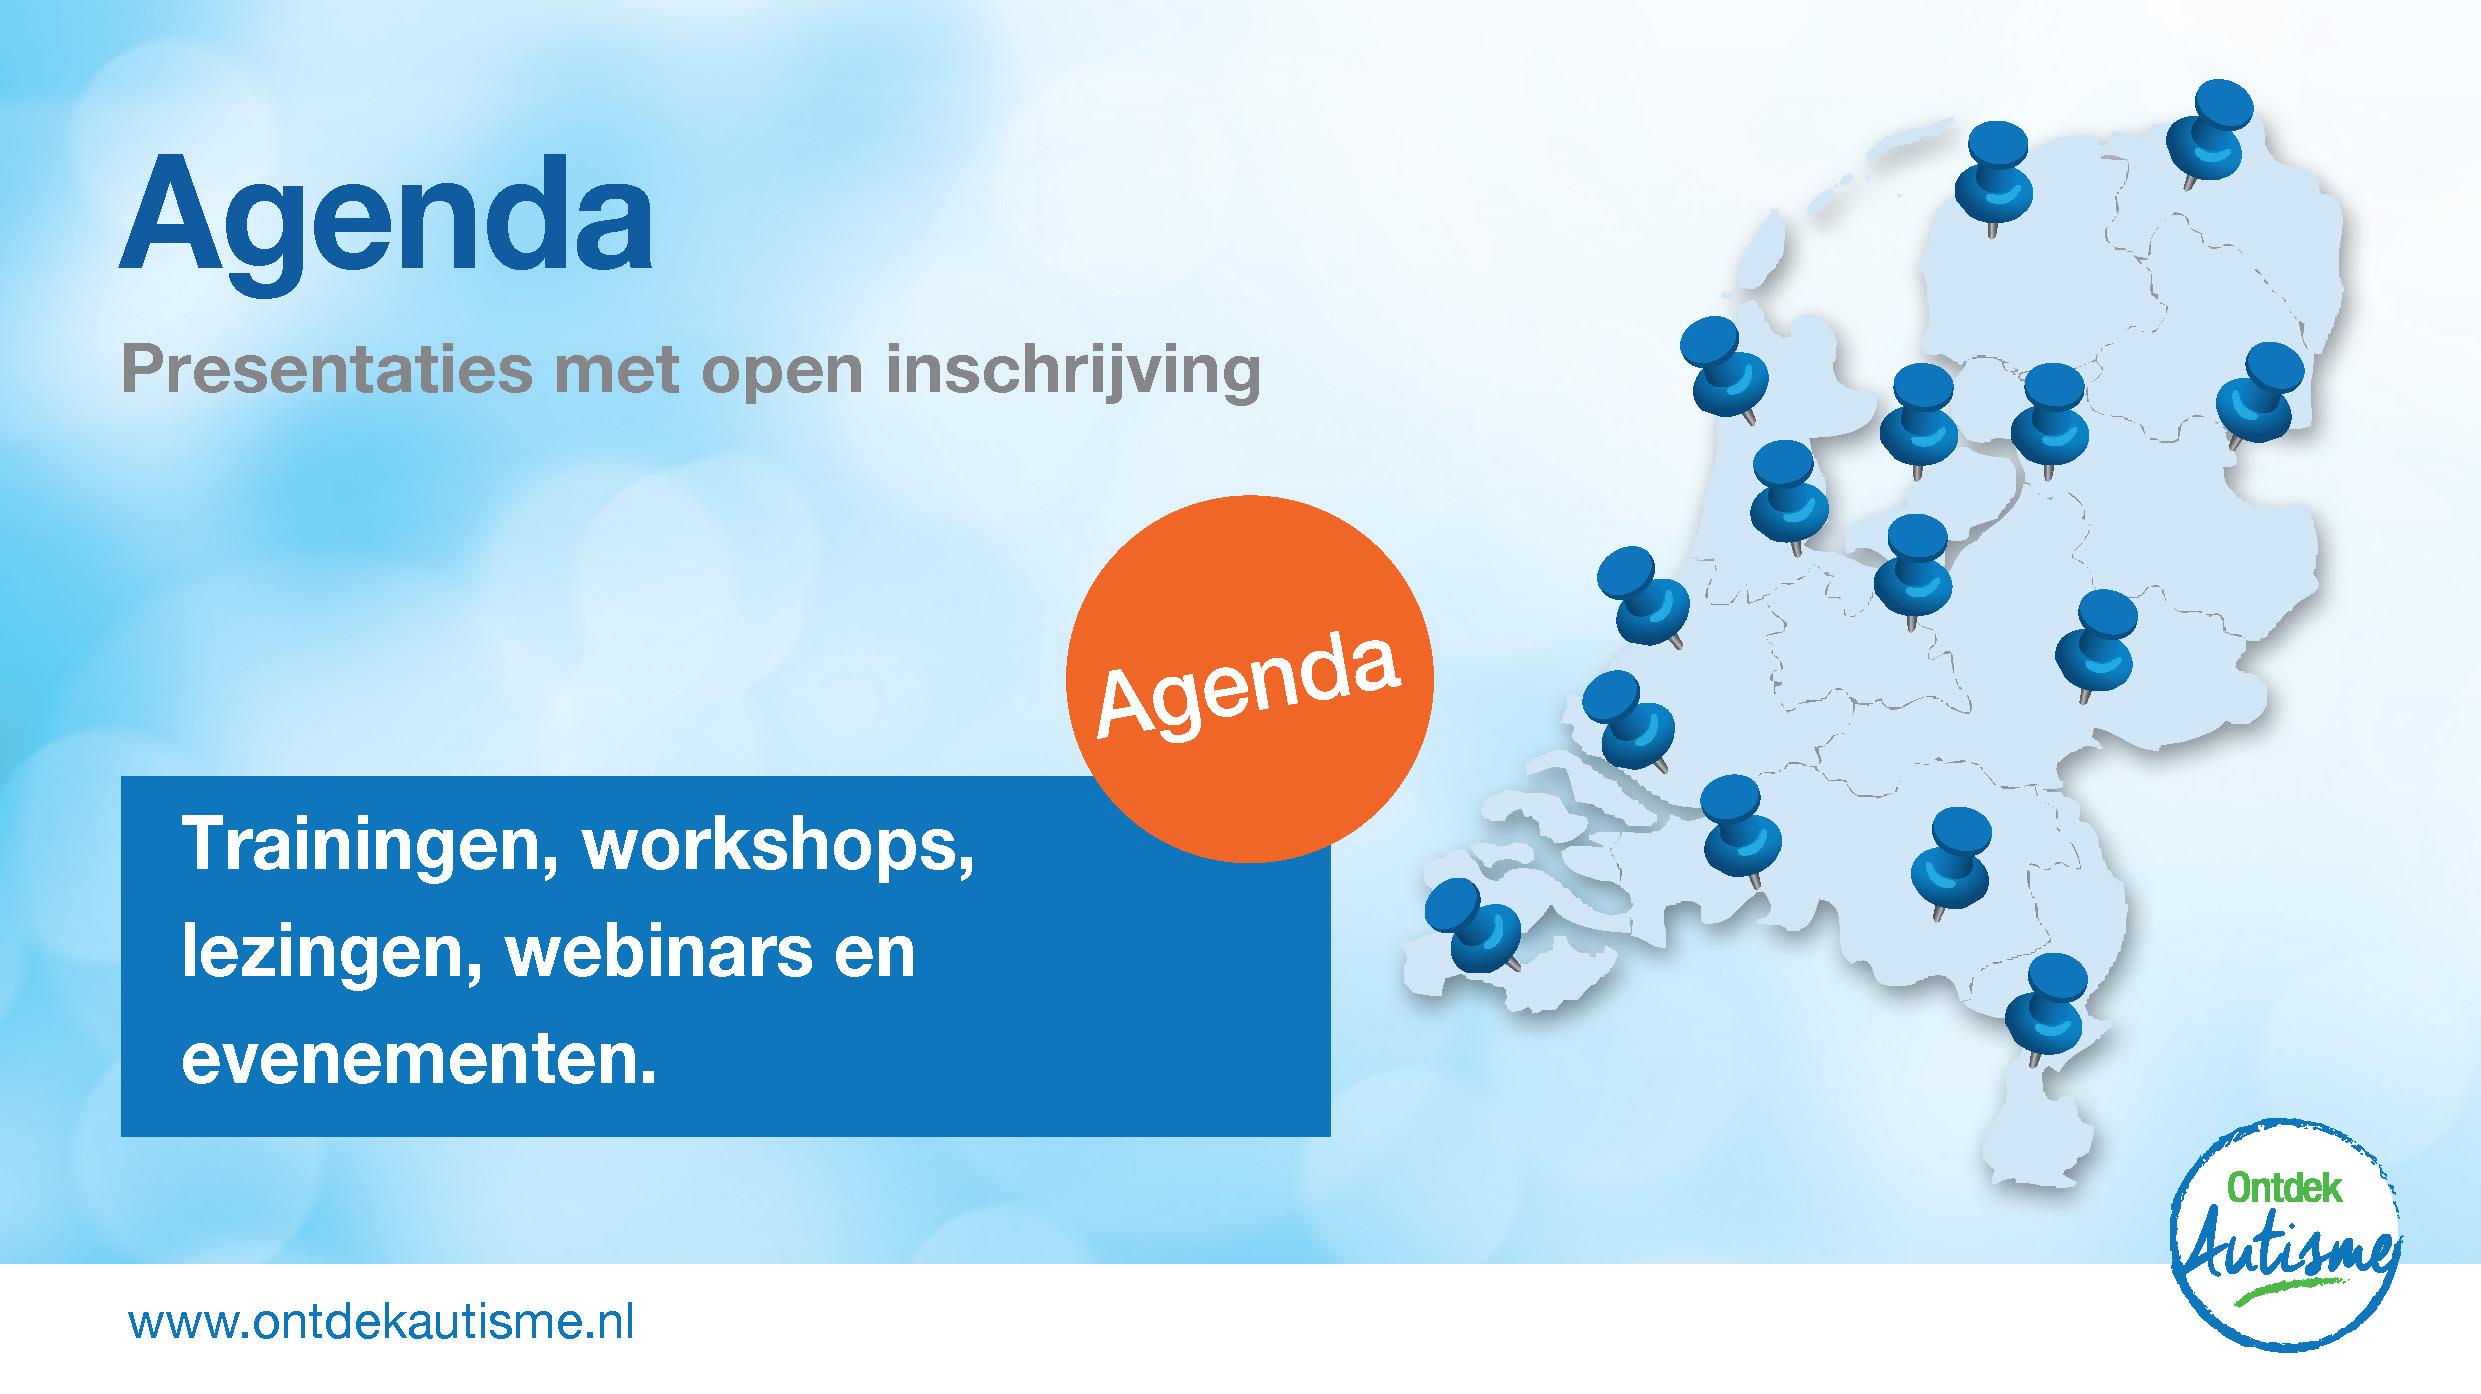 Agenda: Actuele presentaties met mogelijkheid tot inschrijving voor individuen